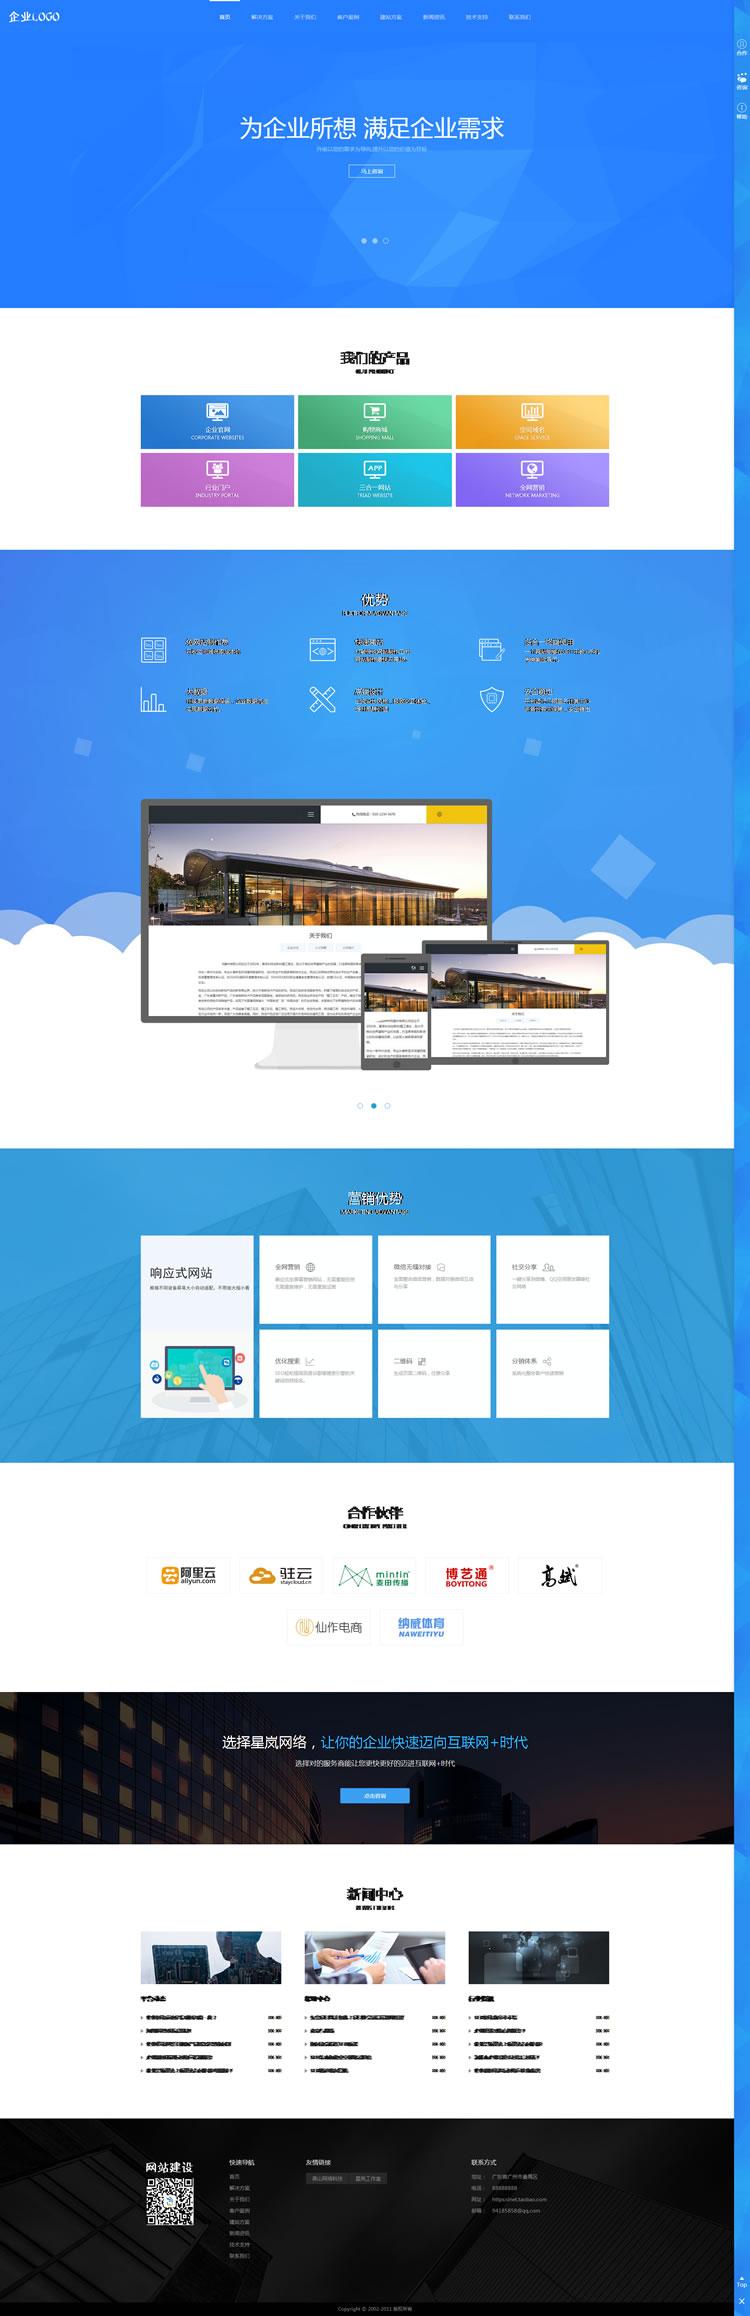 响应式网络建设设计公司网站织梦模板(自适应移动设备).jpg